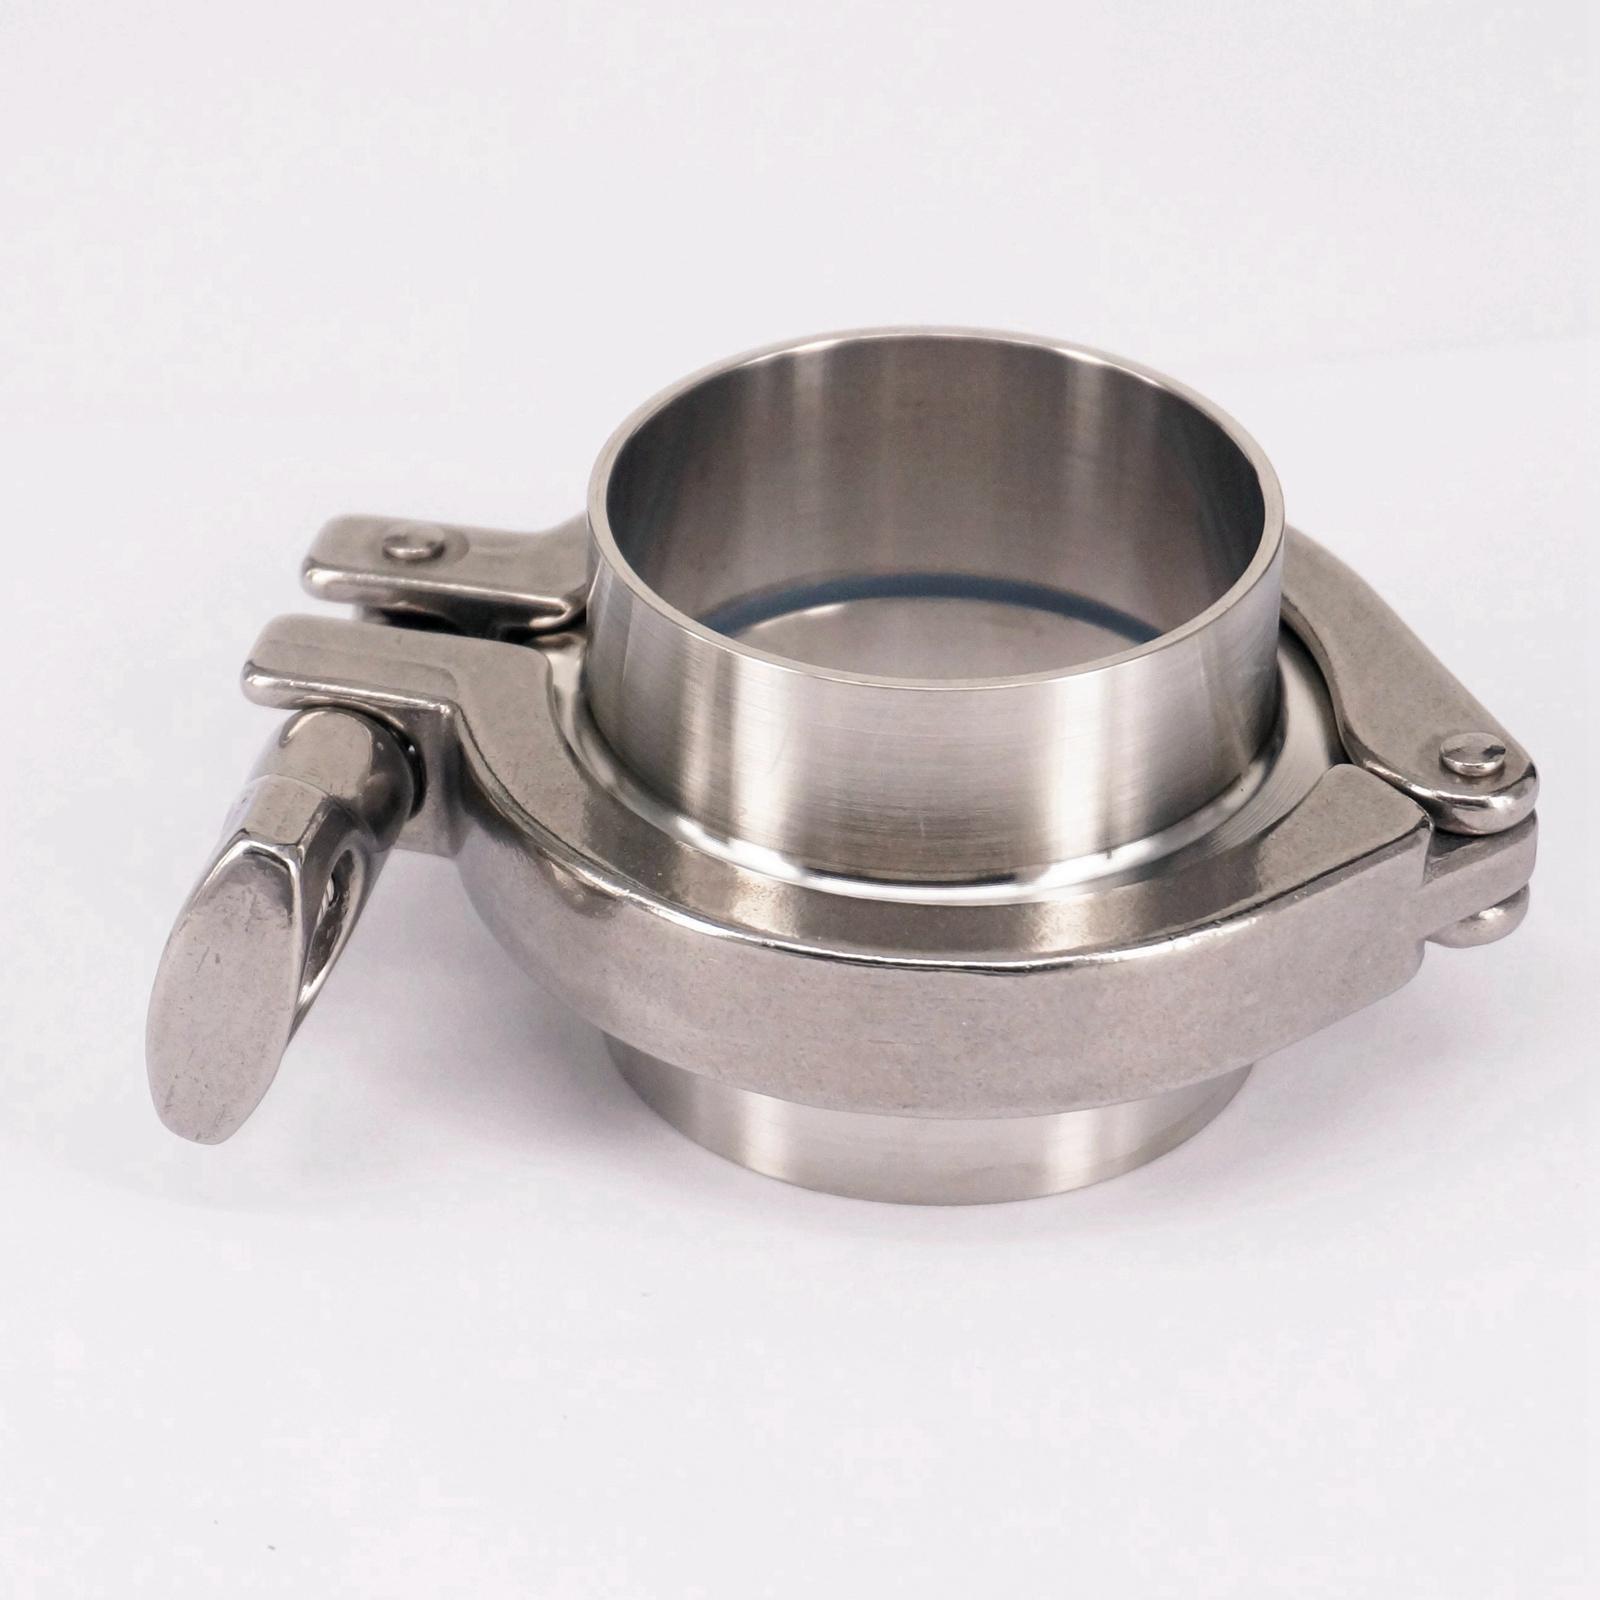 A Set 51mm O/D Sanitary Tri Clamp Weld Ferrule + 2